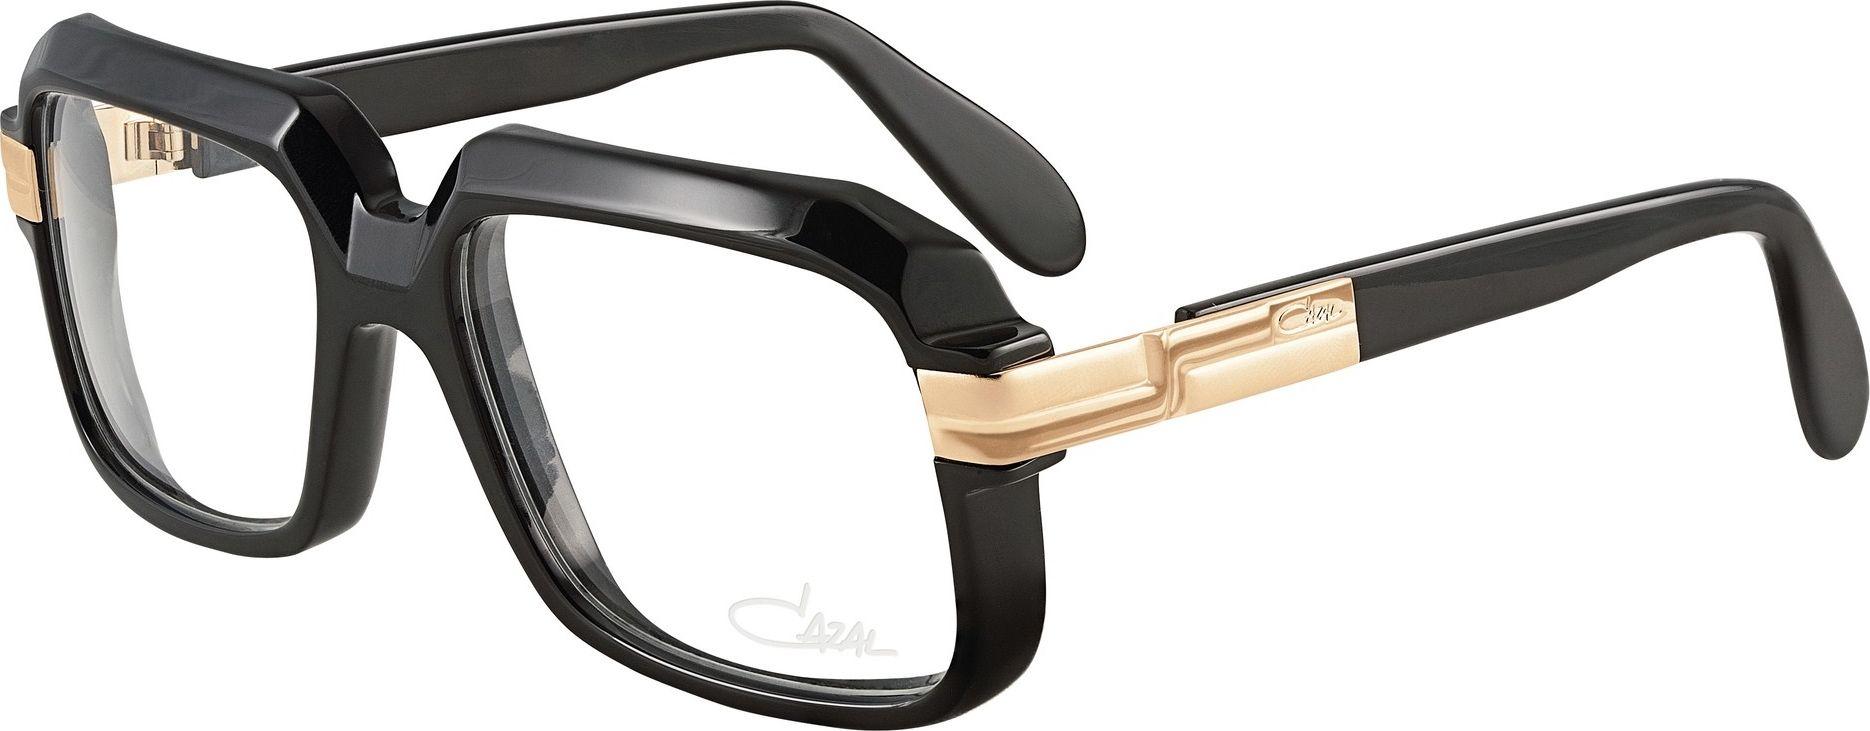 95b113c2910 Cazal Eyeglasses 607